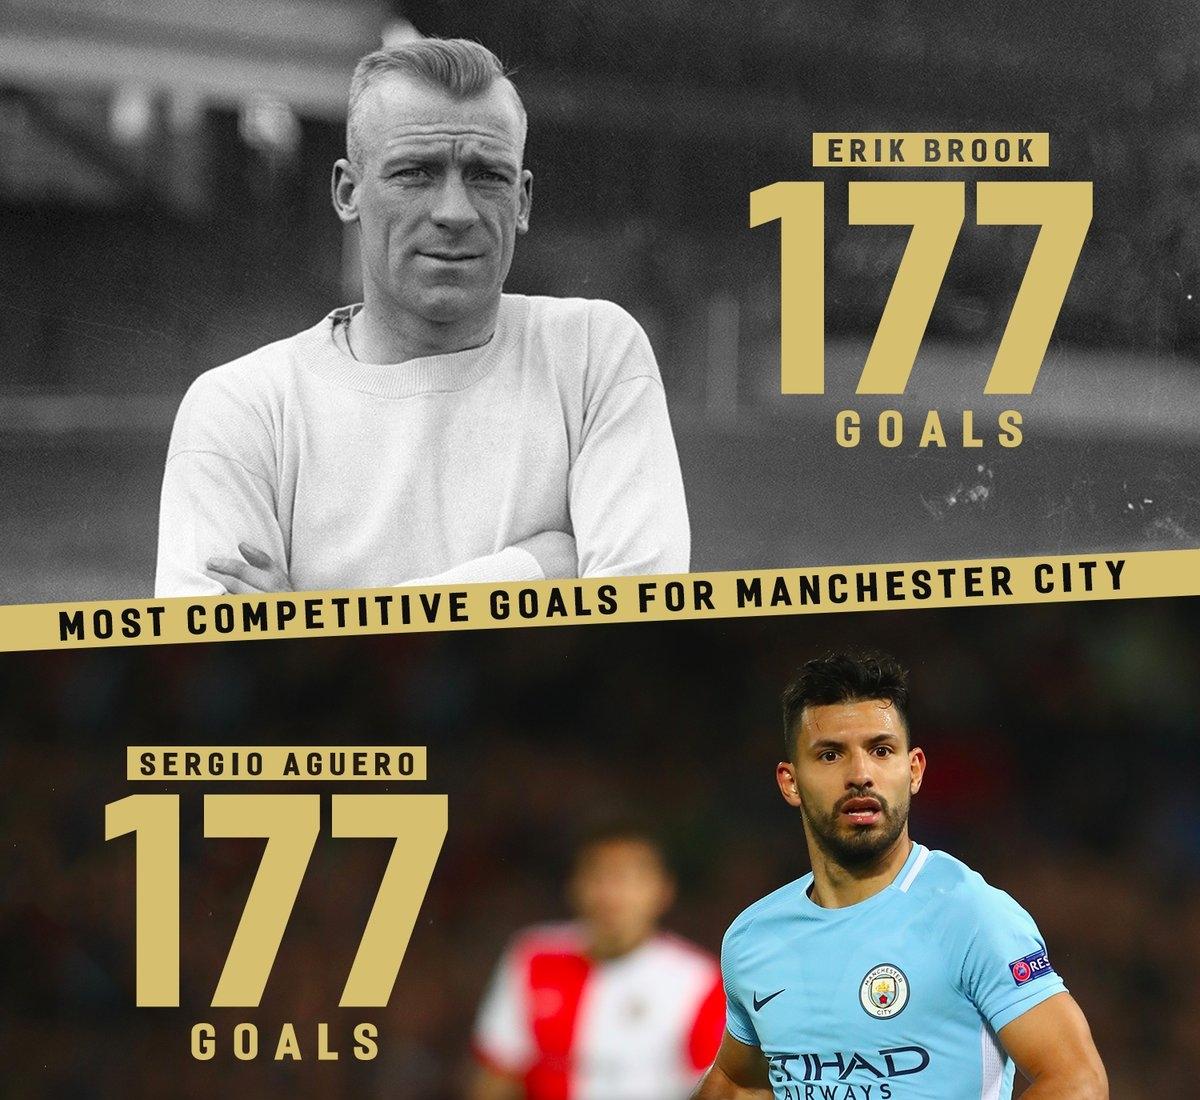 Sergio Aguero cán cột mốc LỊCH SỬ cho Man City - Bóng Đá